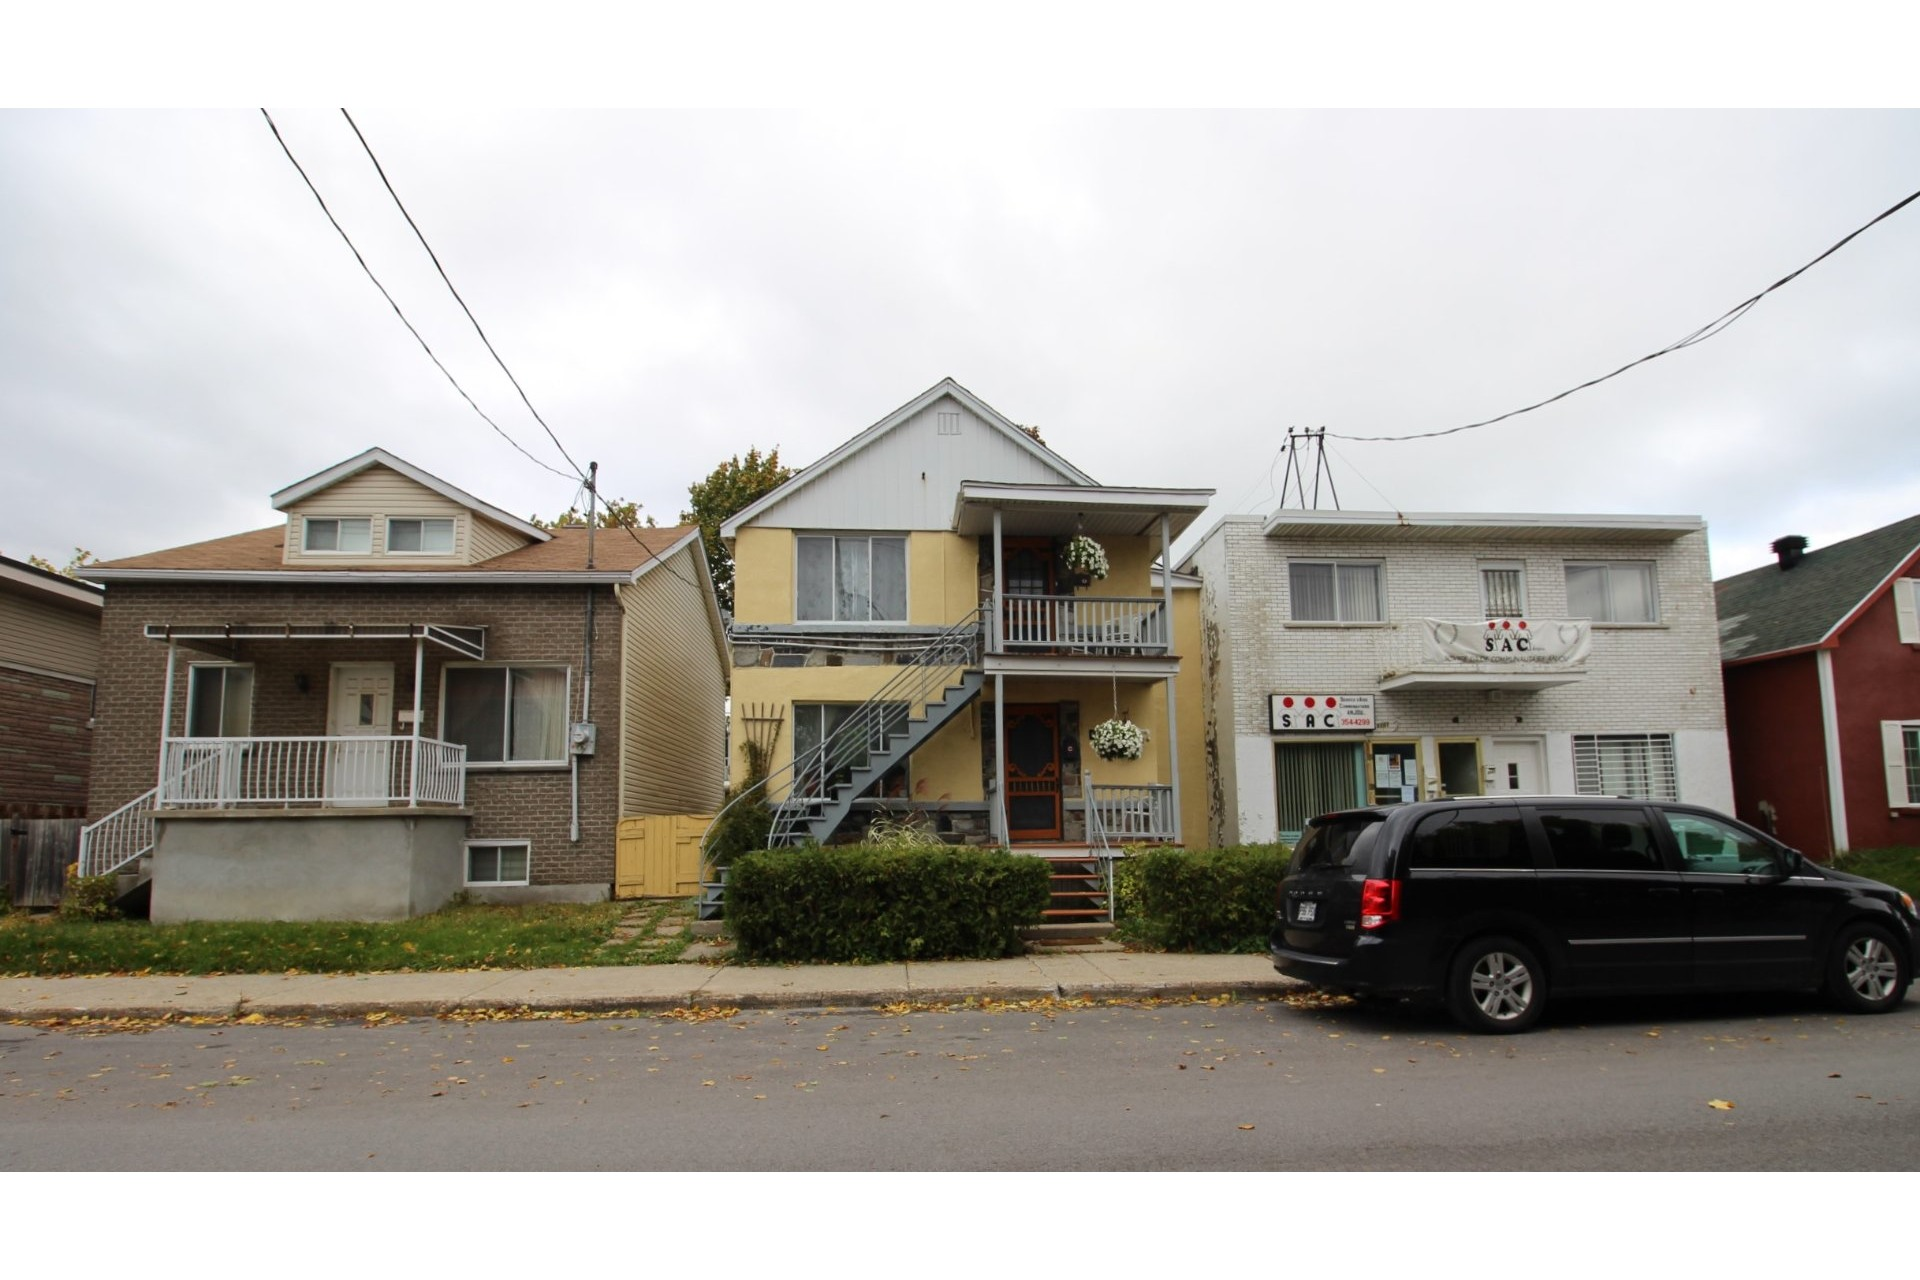 image 30 - Duplex À vendre Montréal Anjou  - 4 pièces